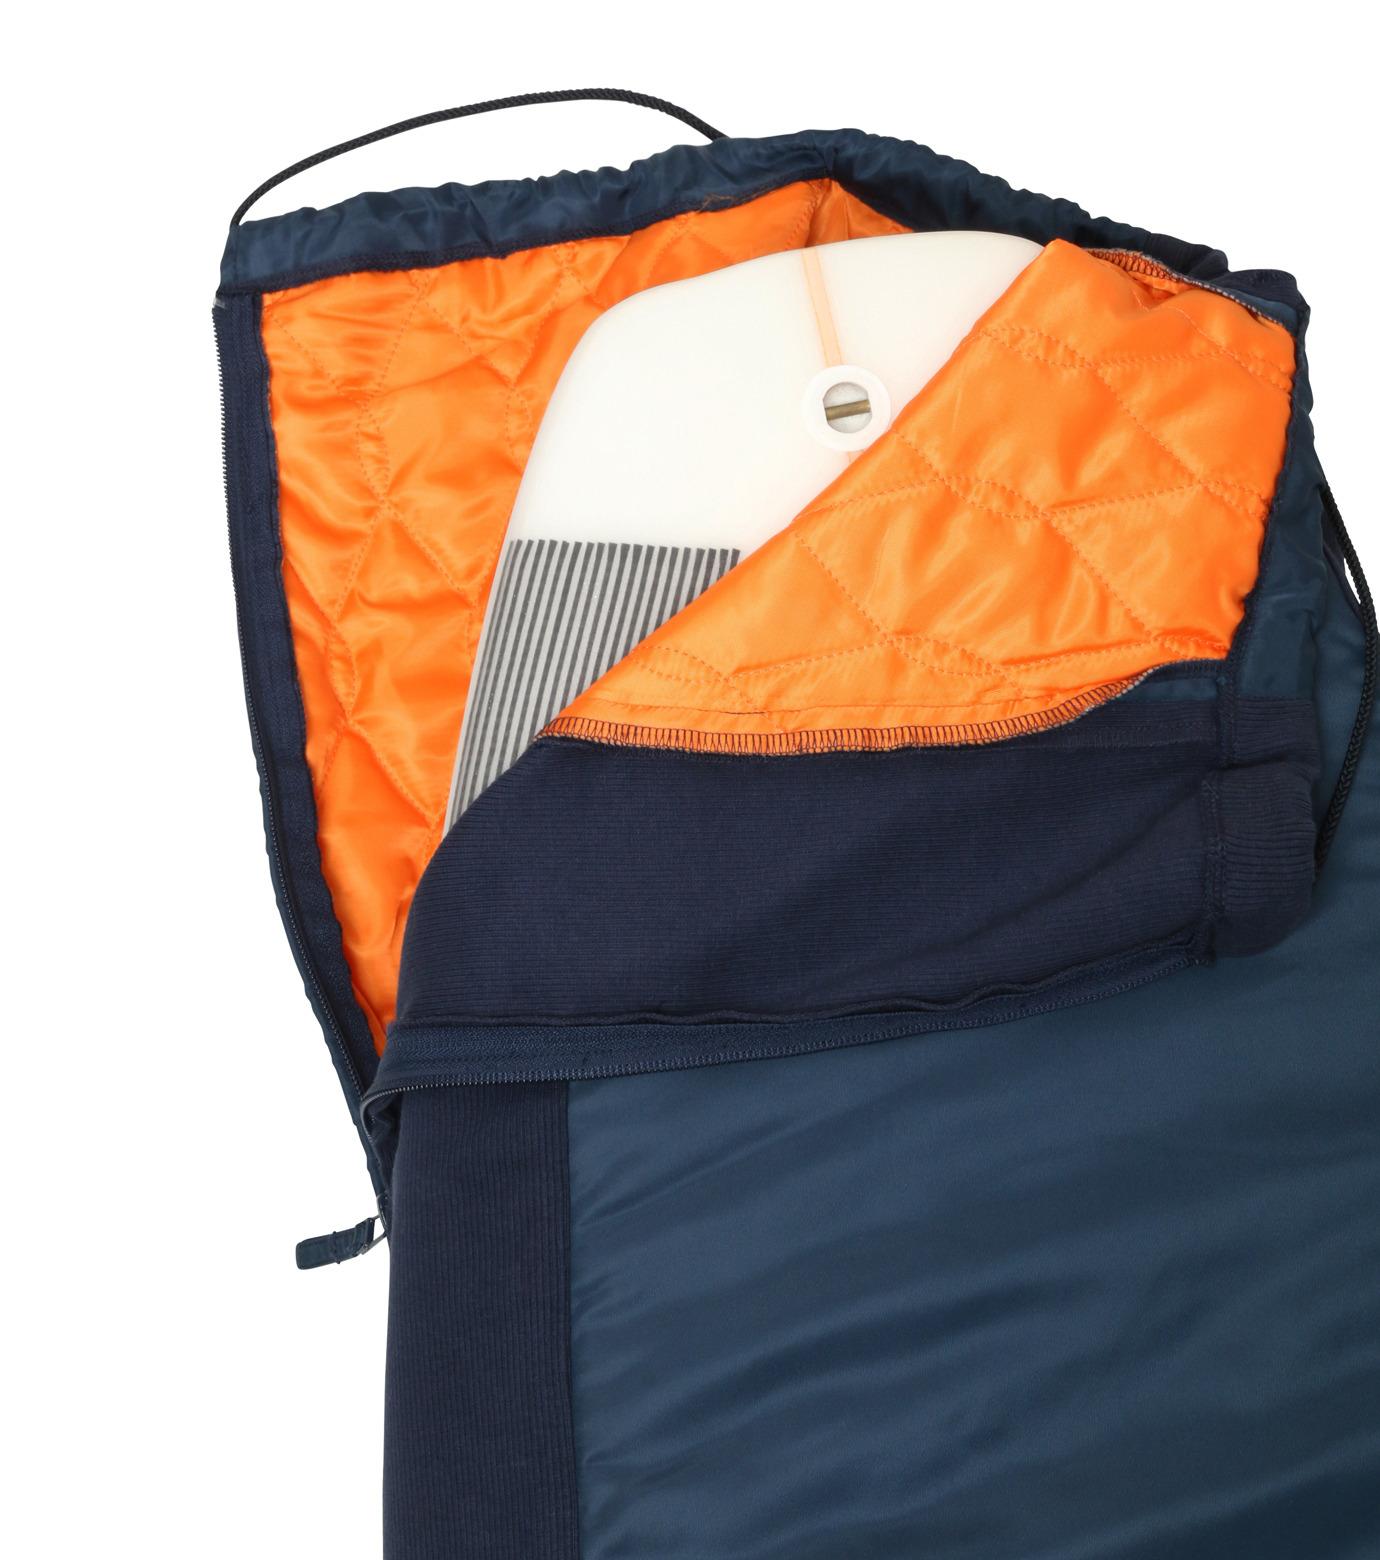 HEY YOU !(ヘイユウ)のSurfboard Jacket Short (S size)-NAVY(サーフ/OUTDOOR/surf/OUTDOOR)-18S90009-93 拡大詳細画像5